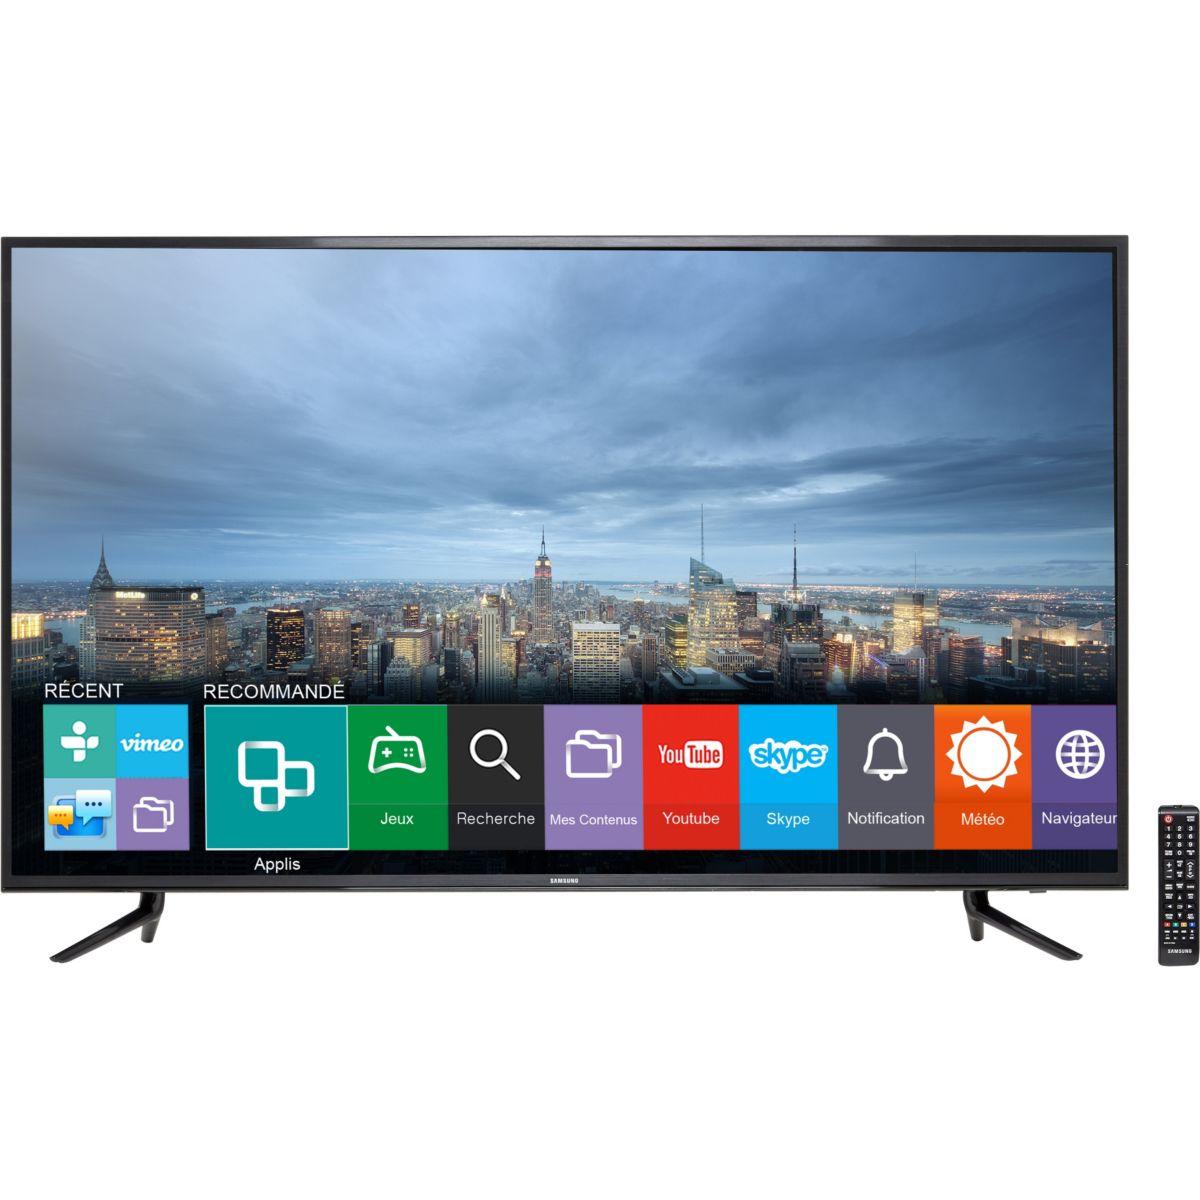 TV SAMSUNG UE55JU6000